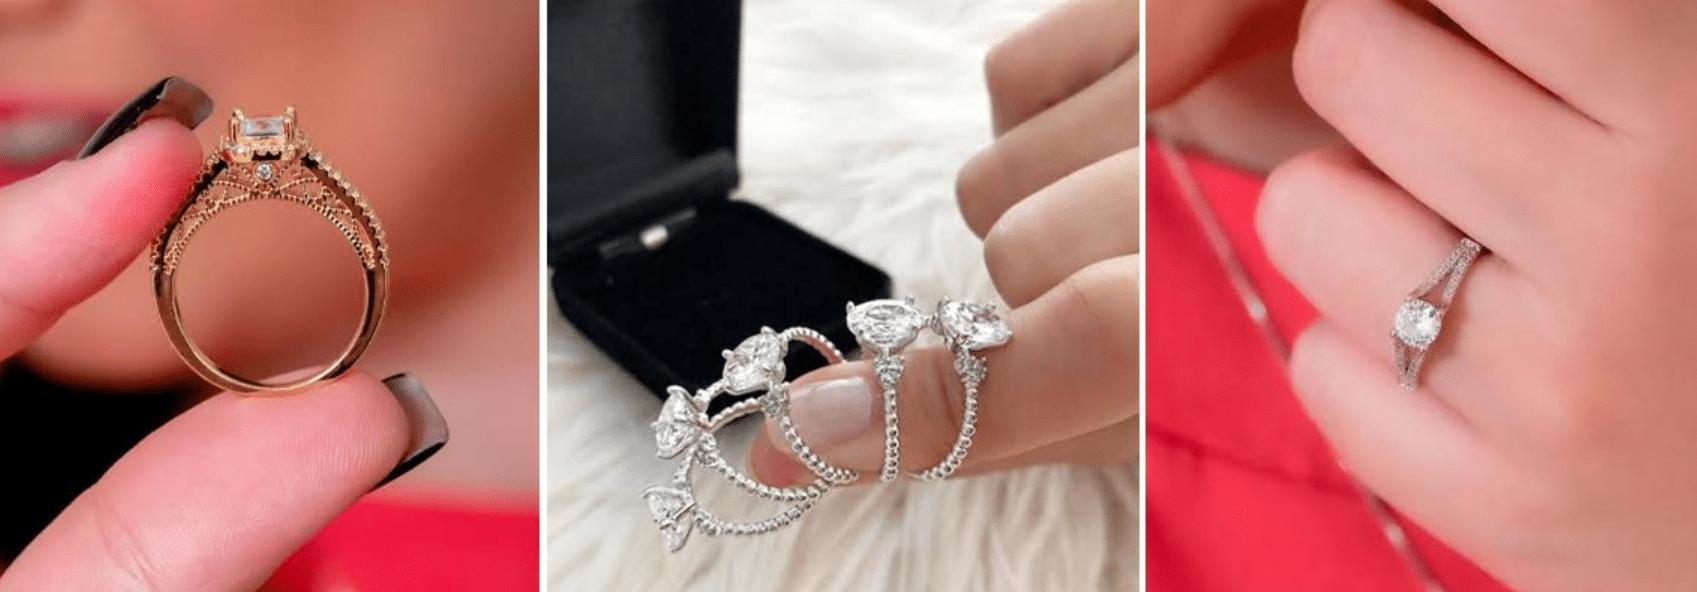 imagens ampliadas de modelo usando anel solitário com jóias